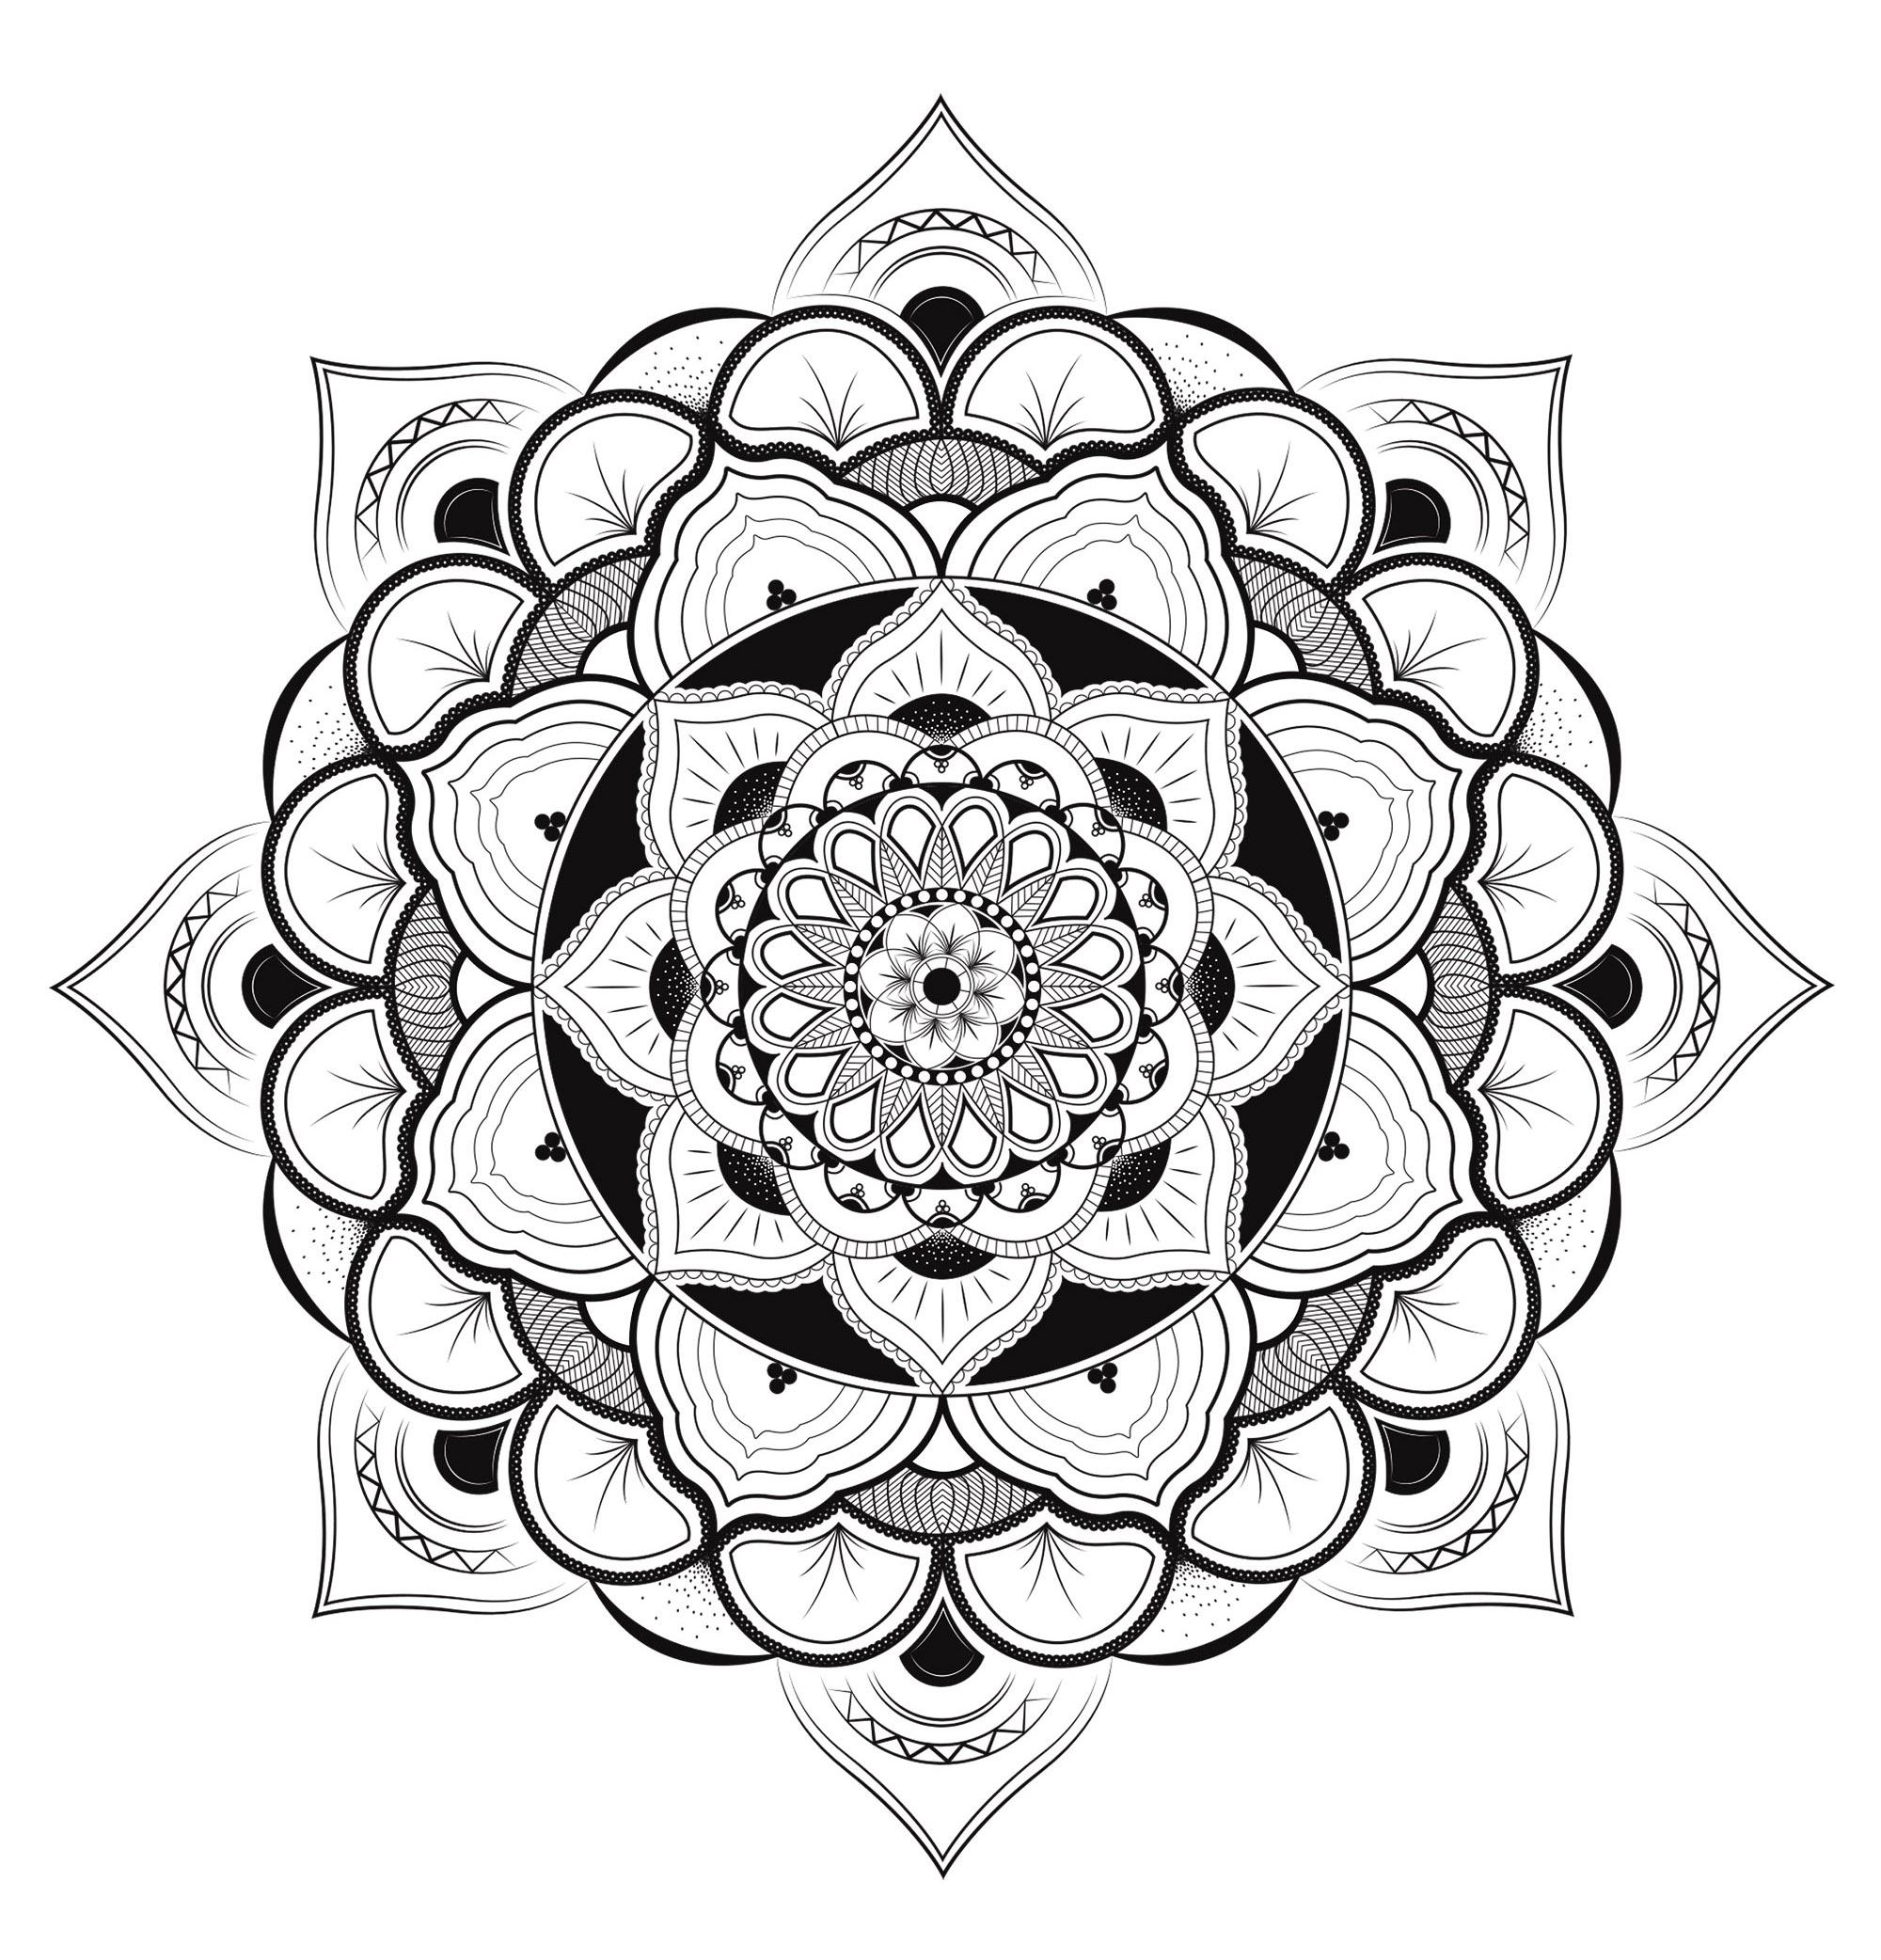 Coloriage Mandala Geant.Mandala Vectoriel Mandalas Zen Anti Stress 100